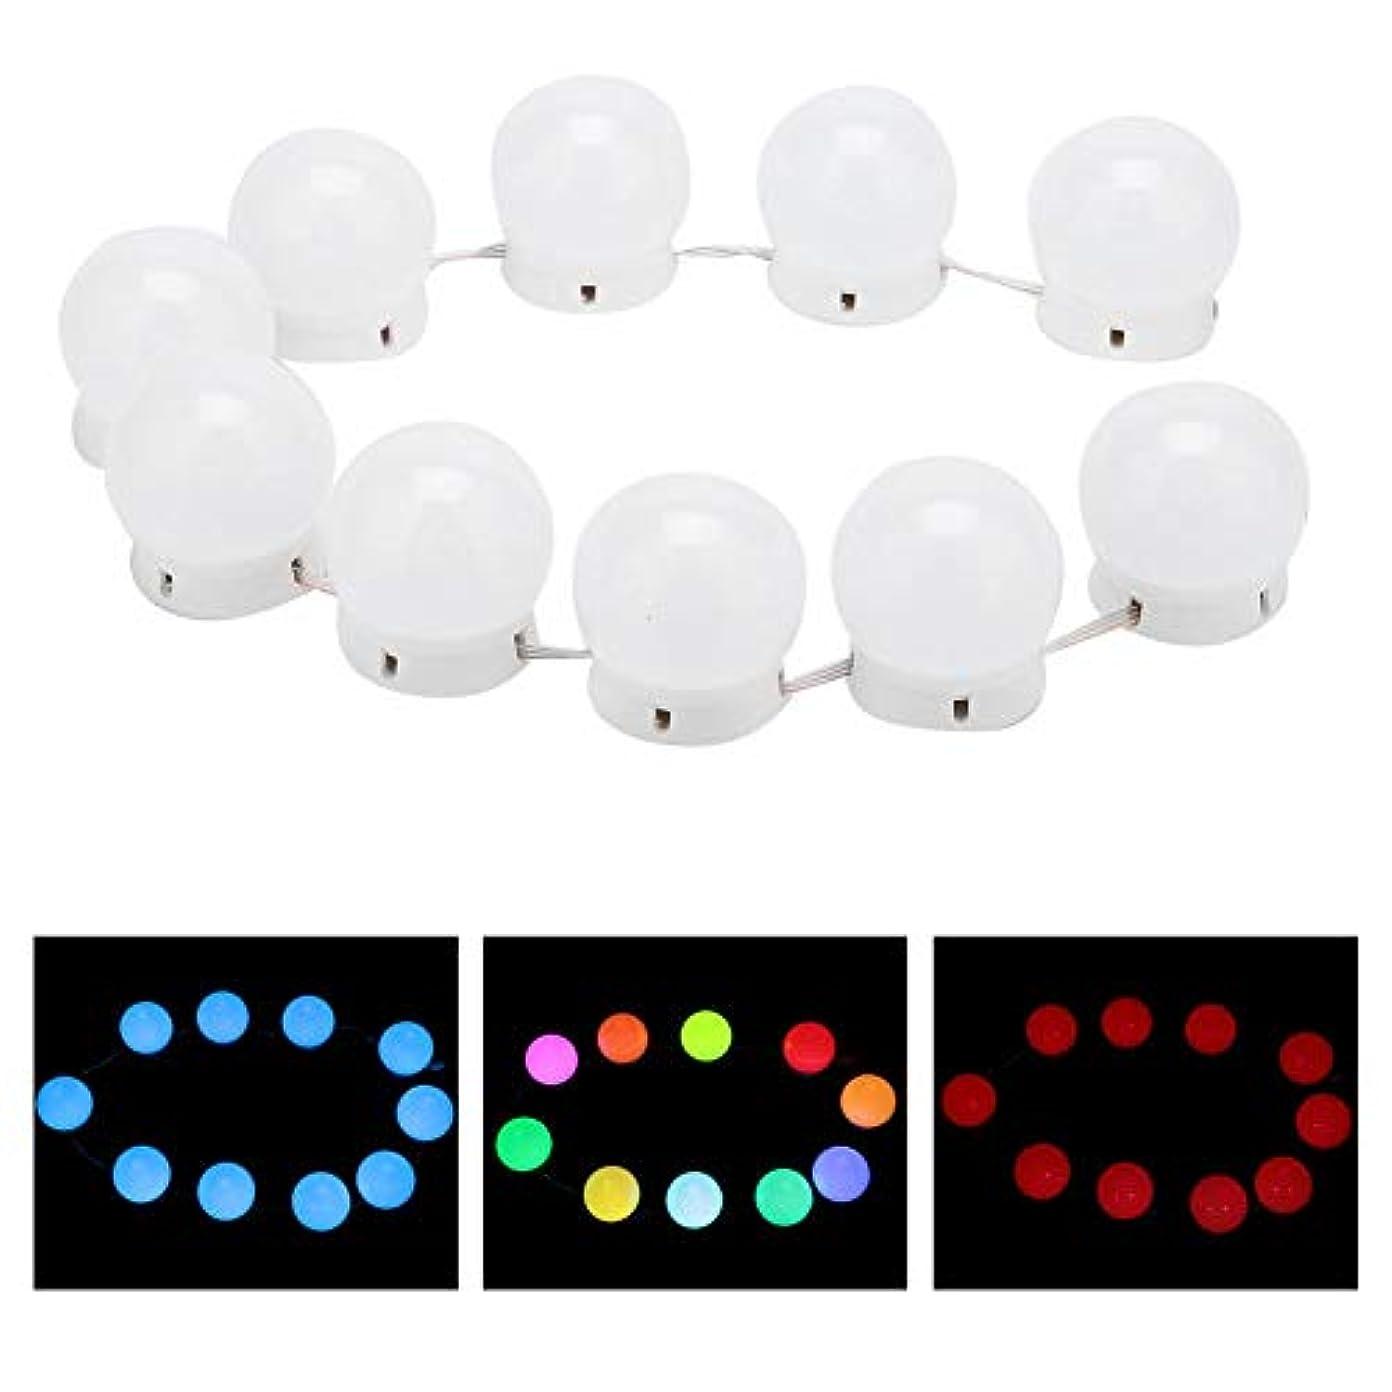 国家意志廊下化粧鏡ラ??イトキット 10 LED付き調 光ライトストリング電球バニティライト化粧鏡に最適 バスルームの照明